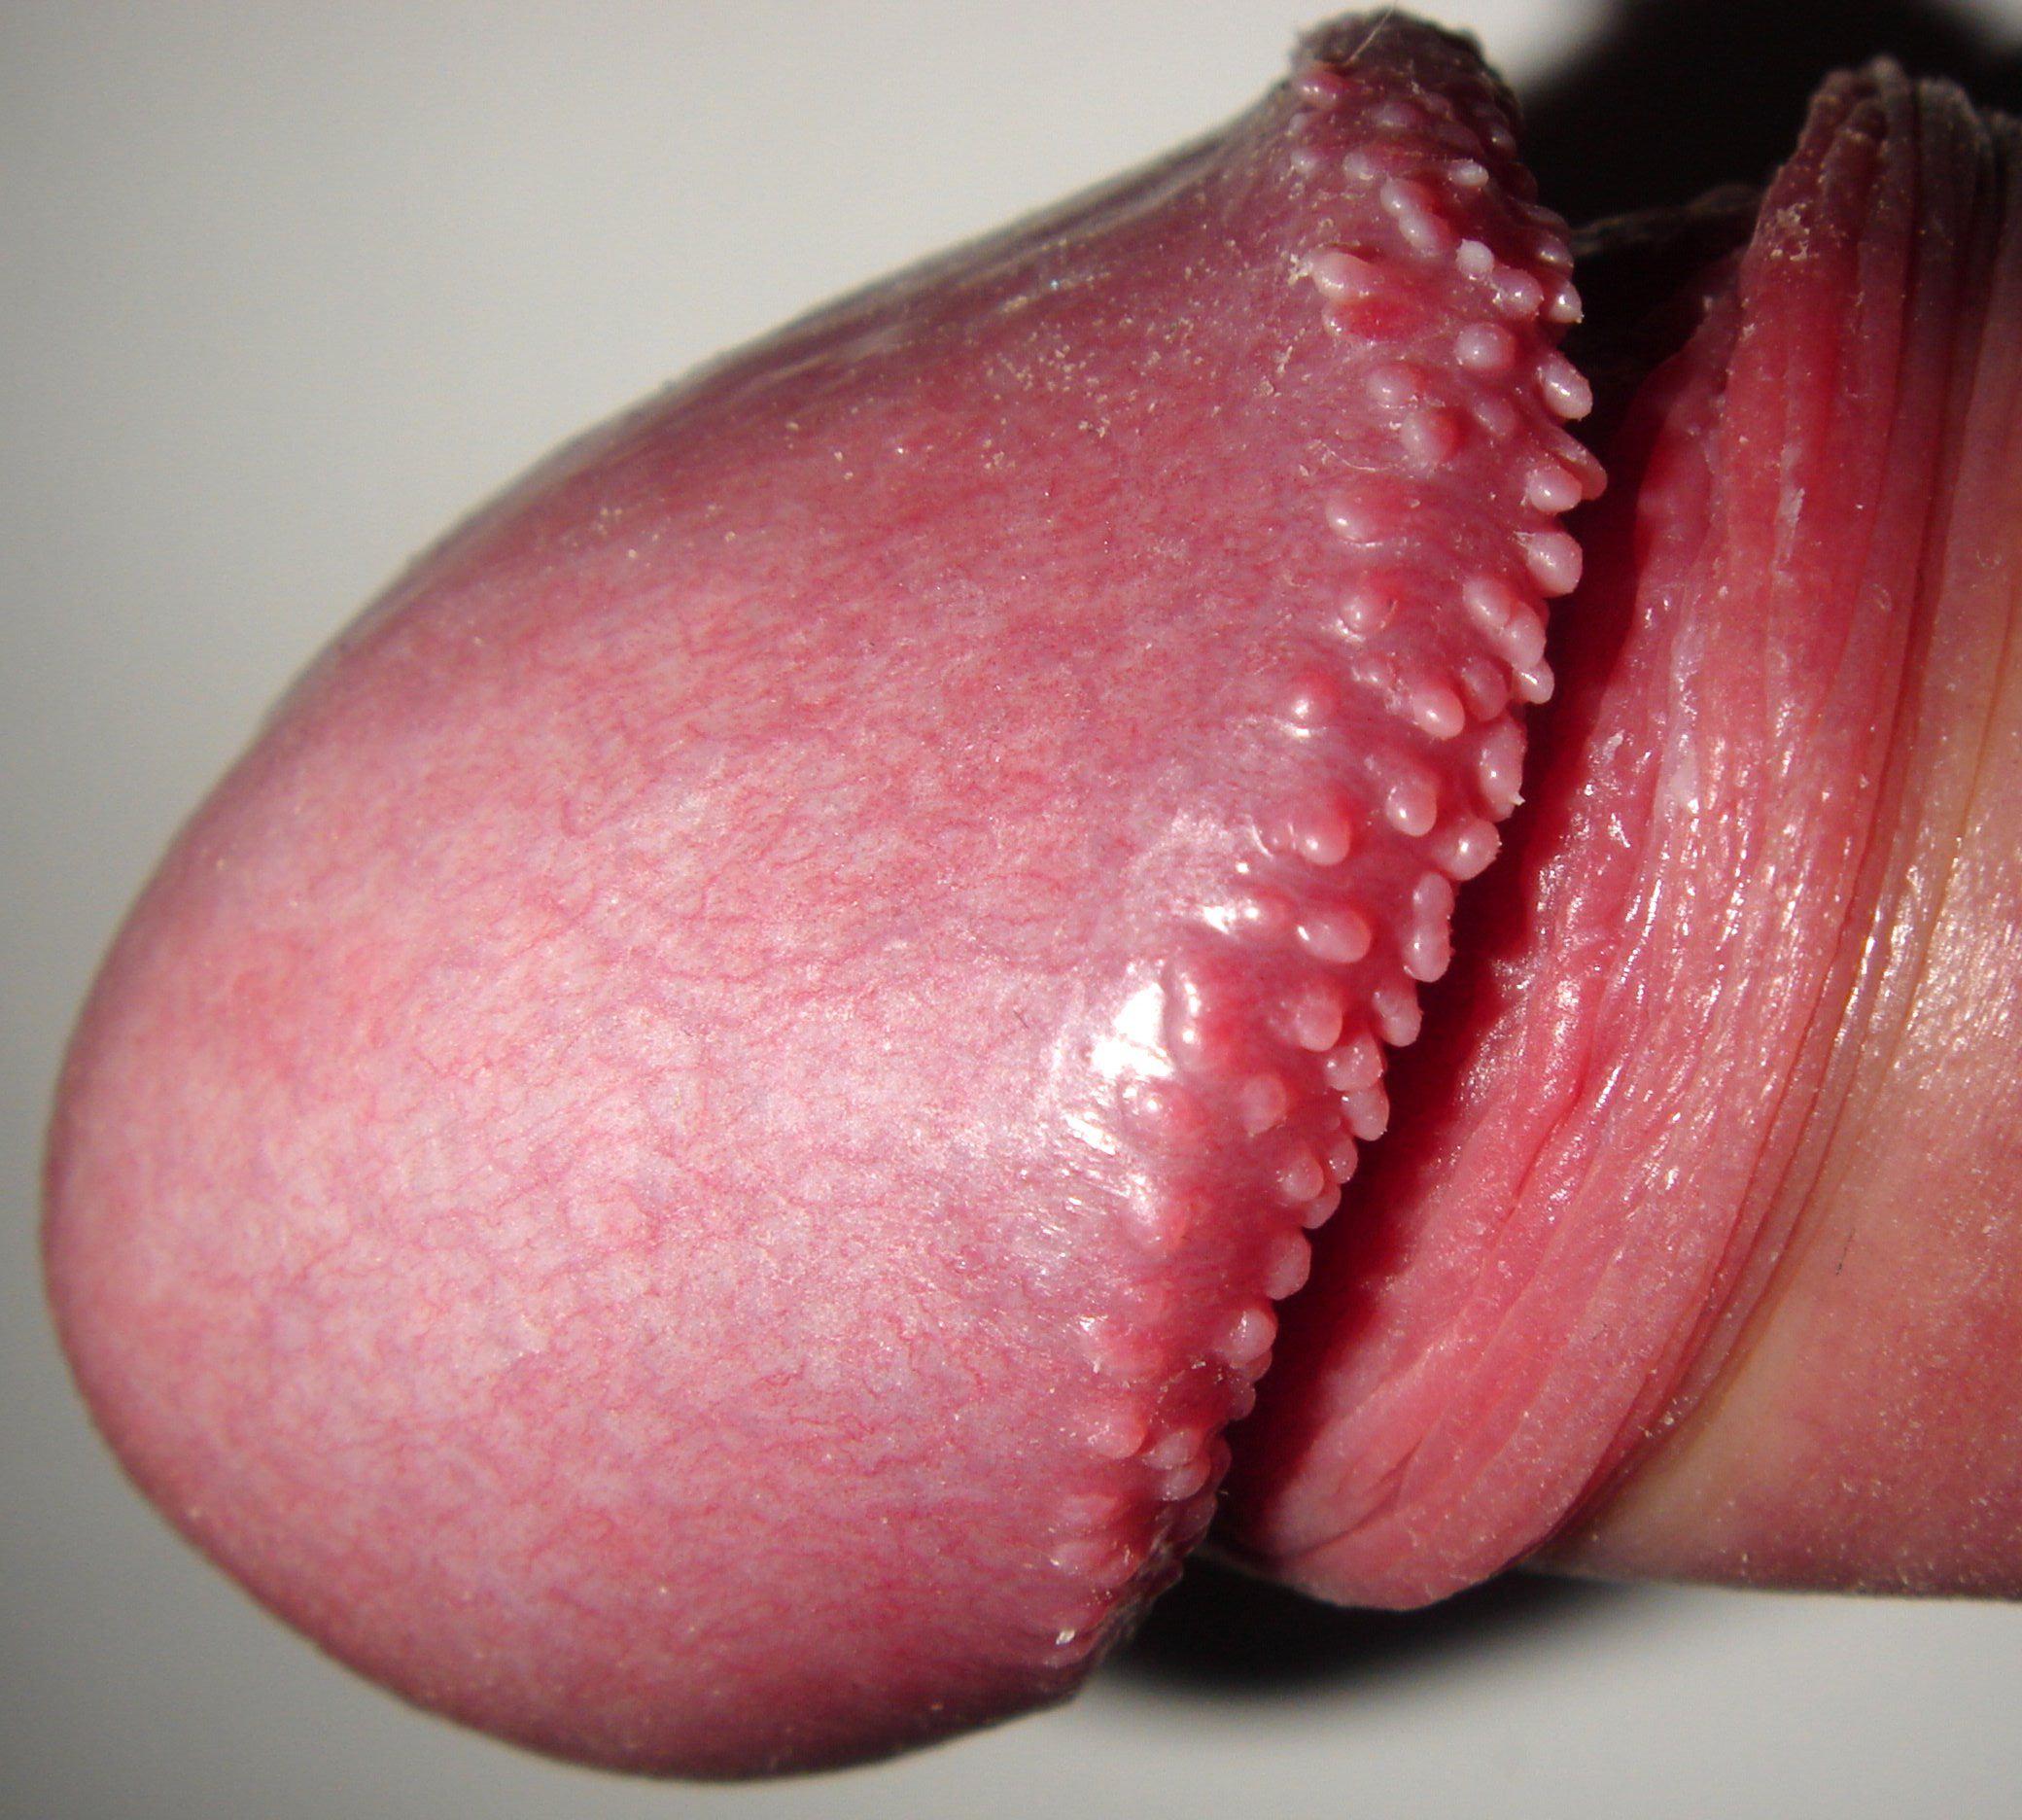 vestibular papillomatosis irritation